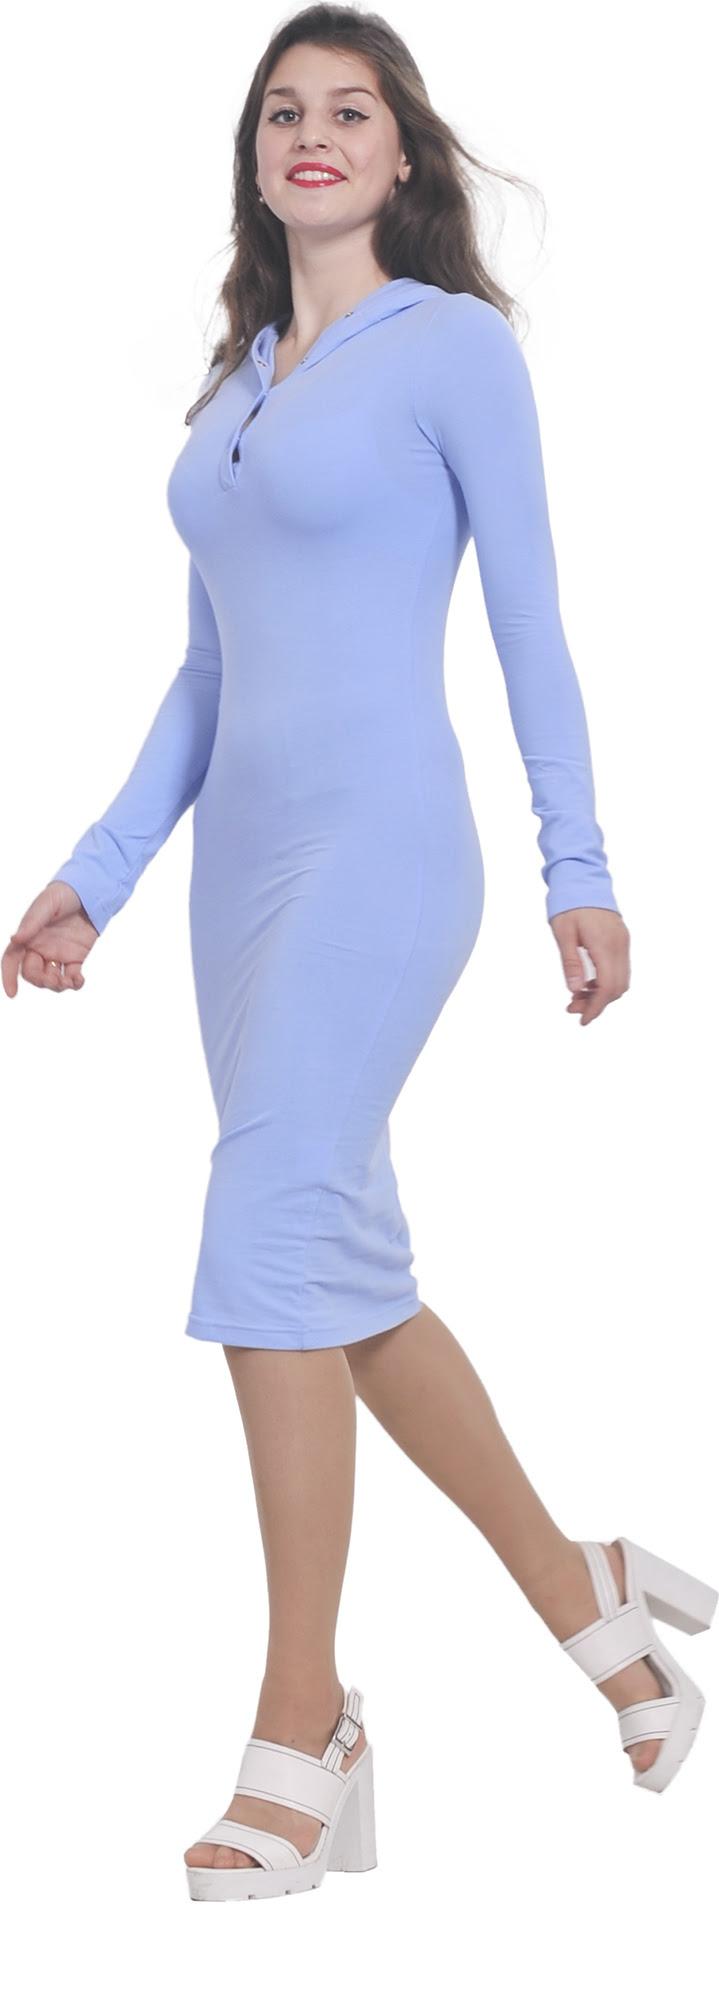 Clothes size 7 bodycon dresses women long plus long sale